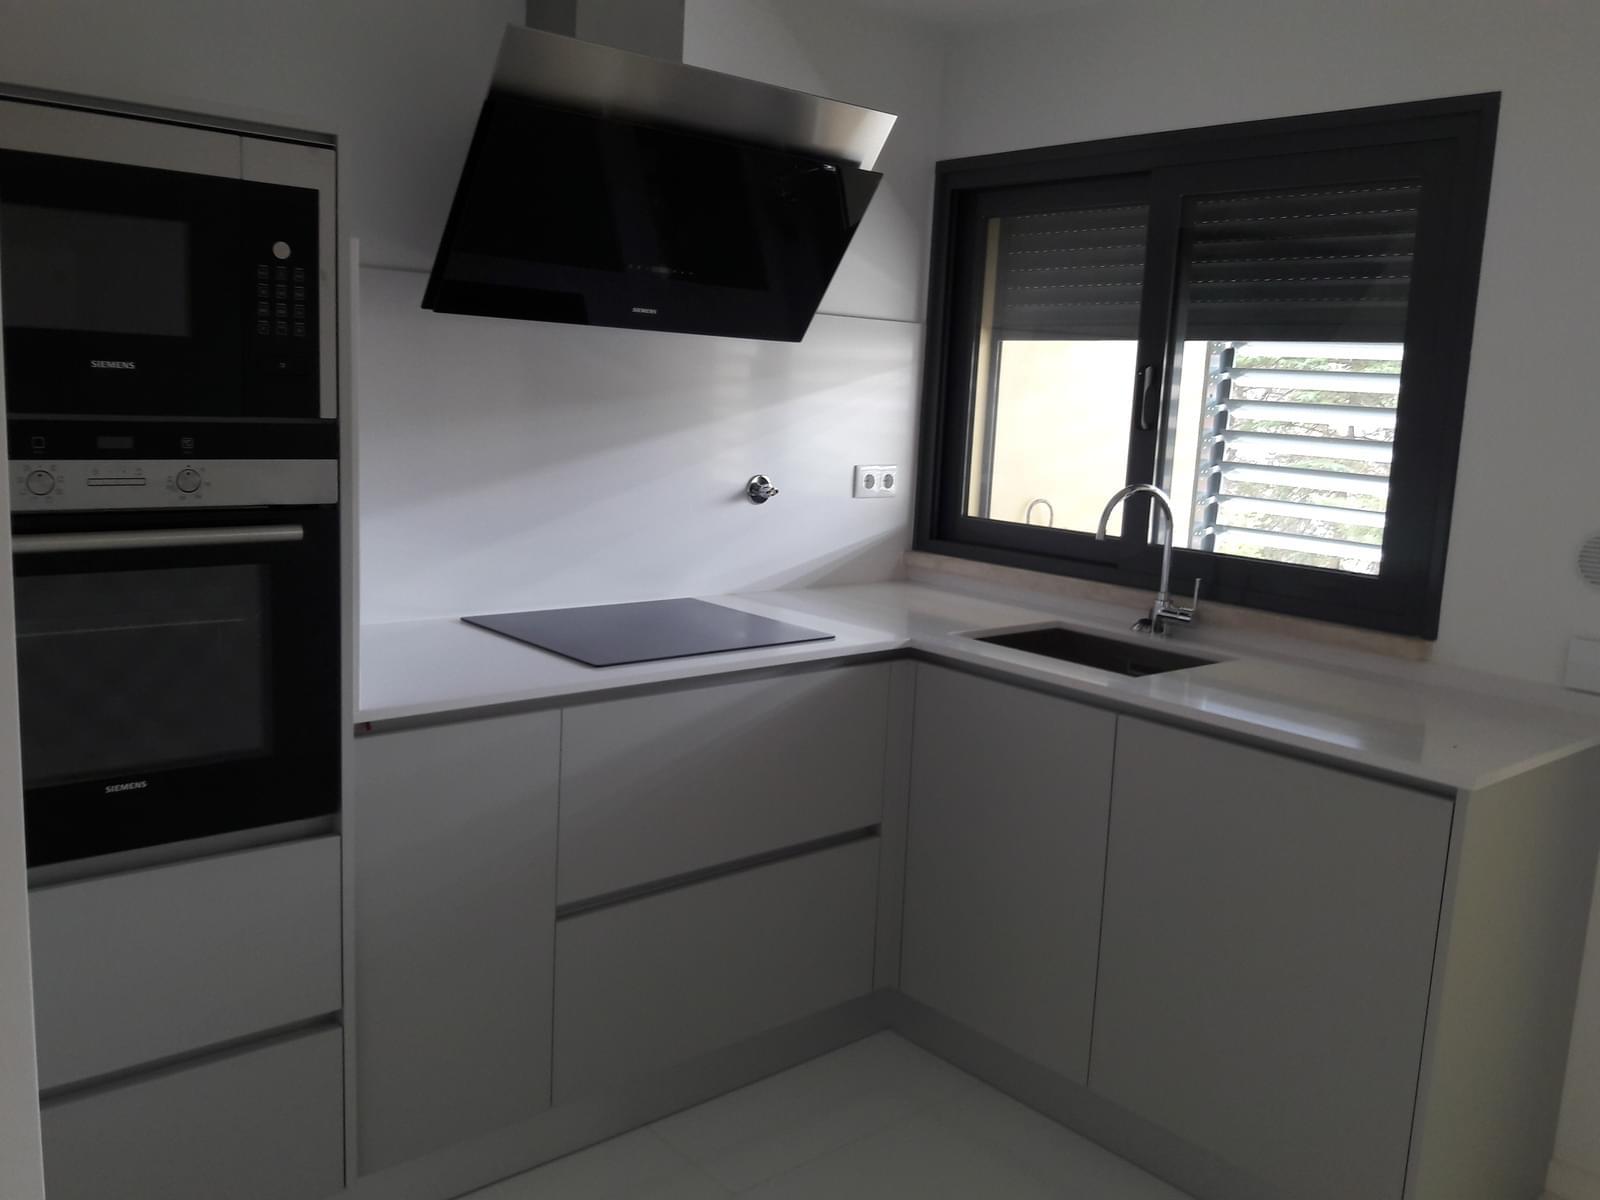 pf18284-apartamento-t2-cascais-c7dd0409-08fc-4f26-9ef7-48b630cd0ee5